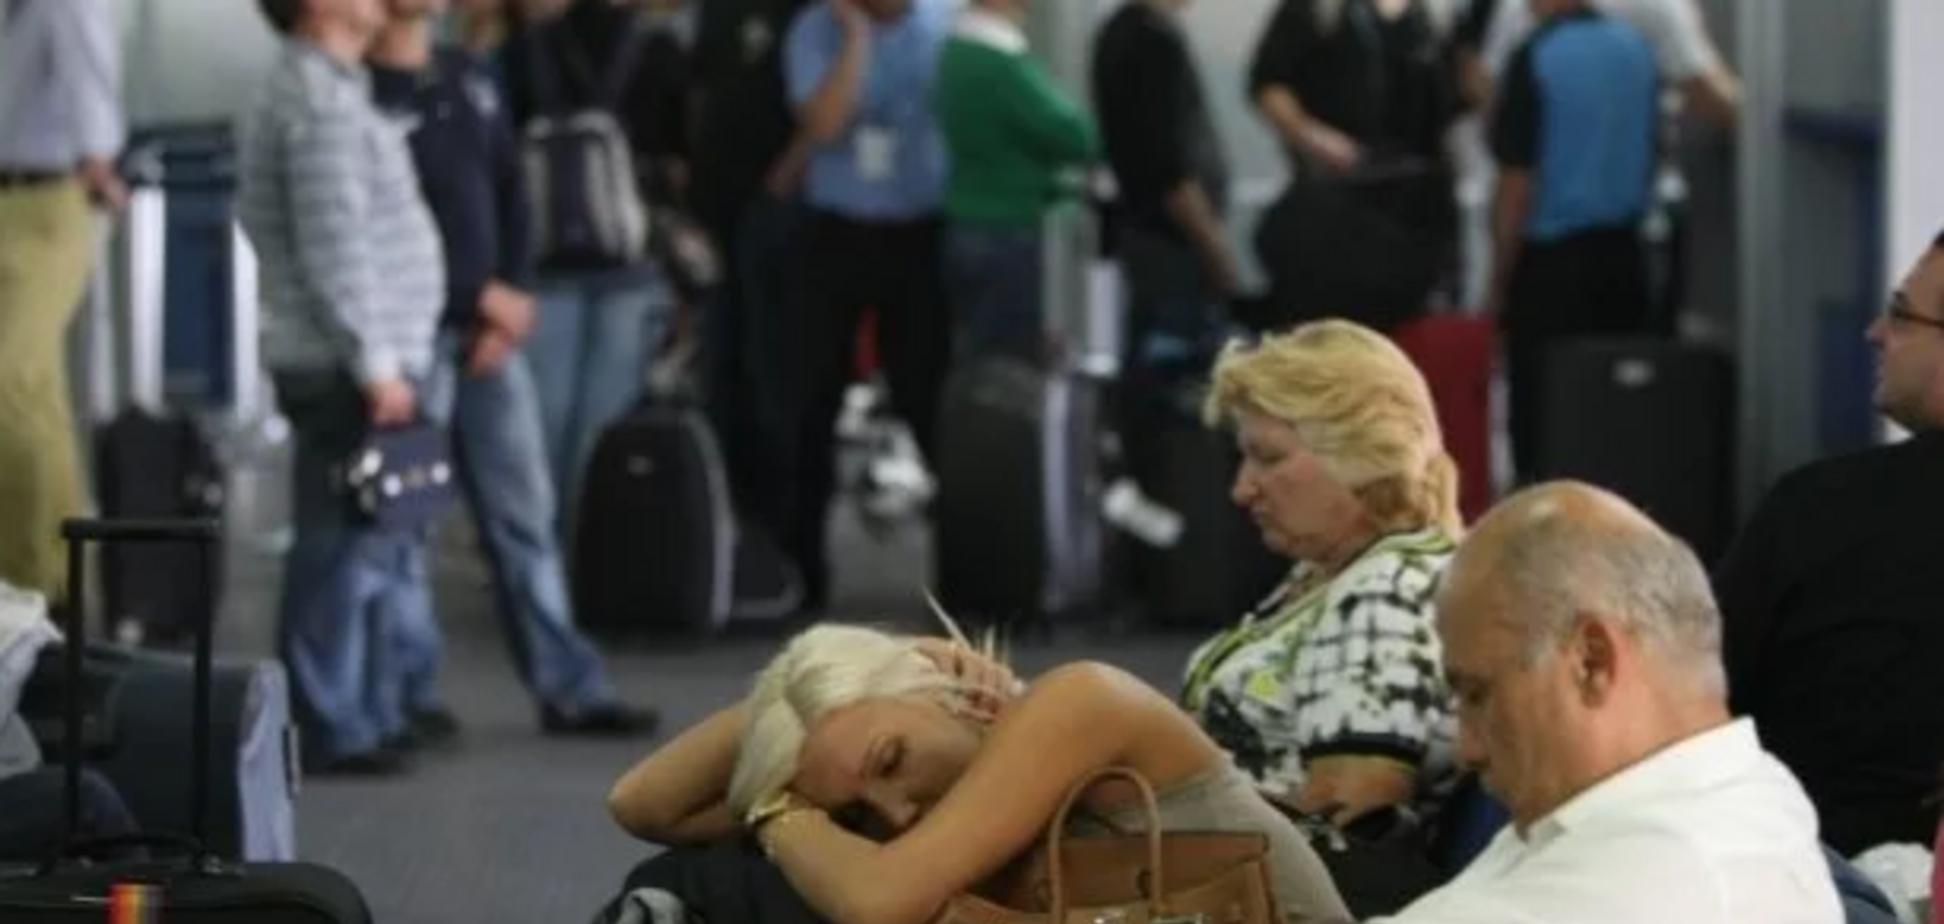 Сезон отпусков близко: украинцев предупредили о коллапсе в аэропортах